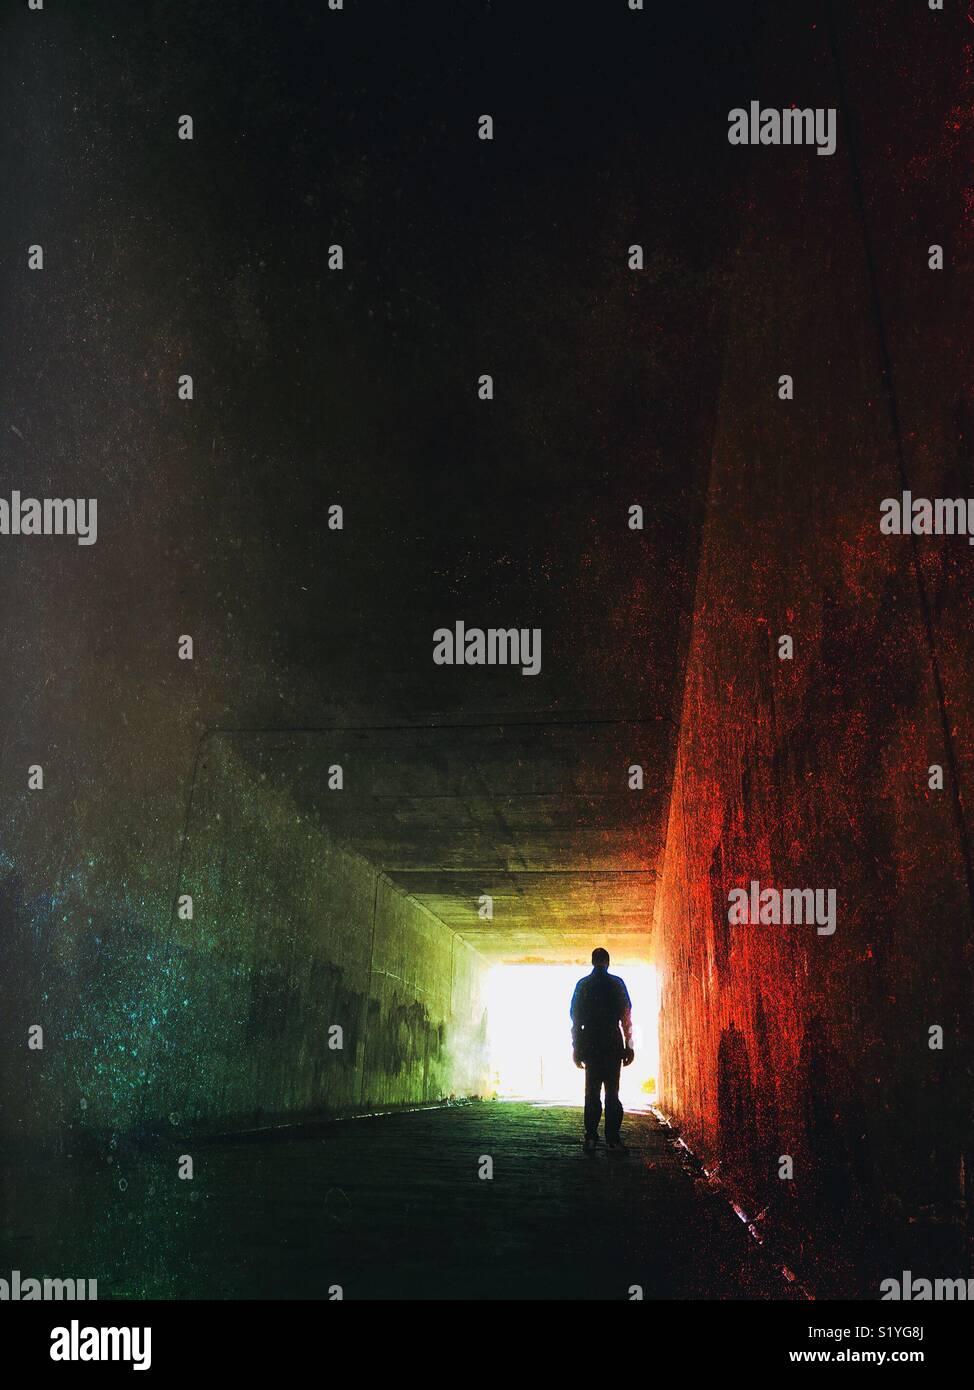 Silhouette di un uomo si fermò in un tunnel Immagini Stock